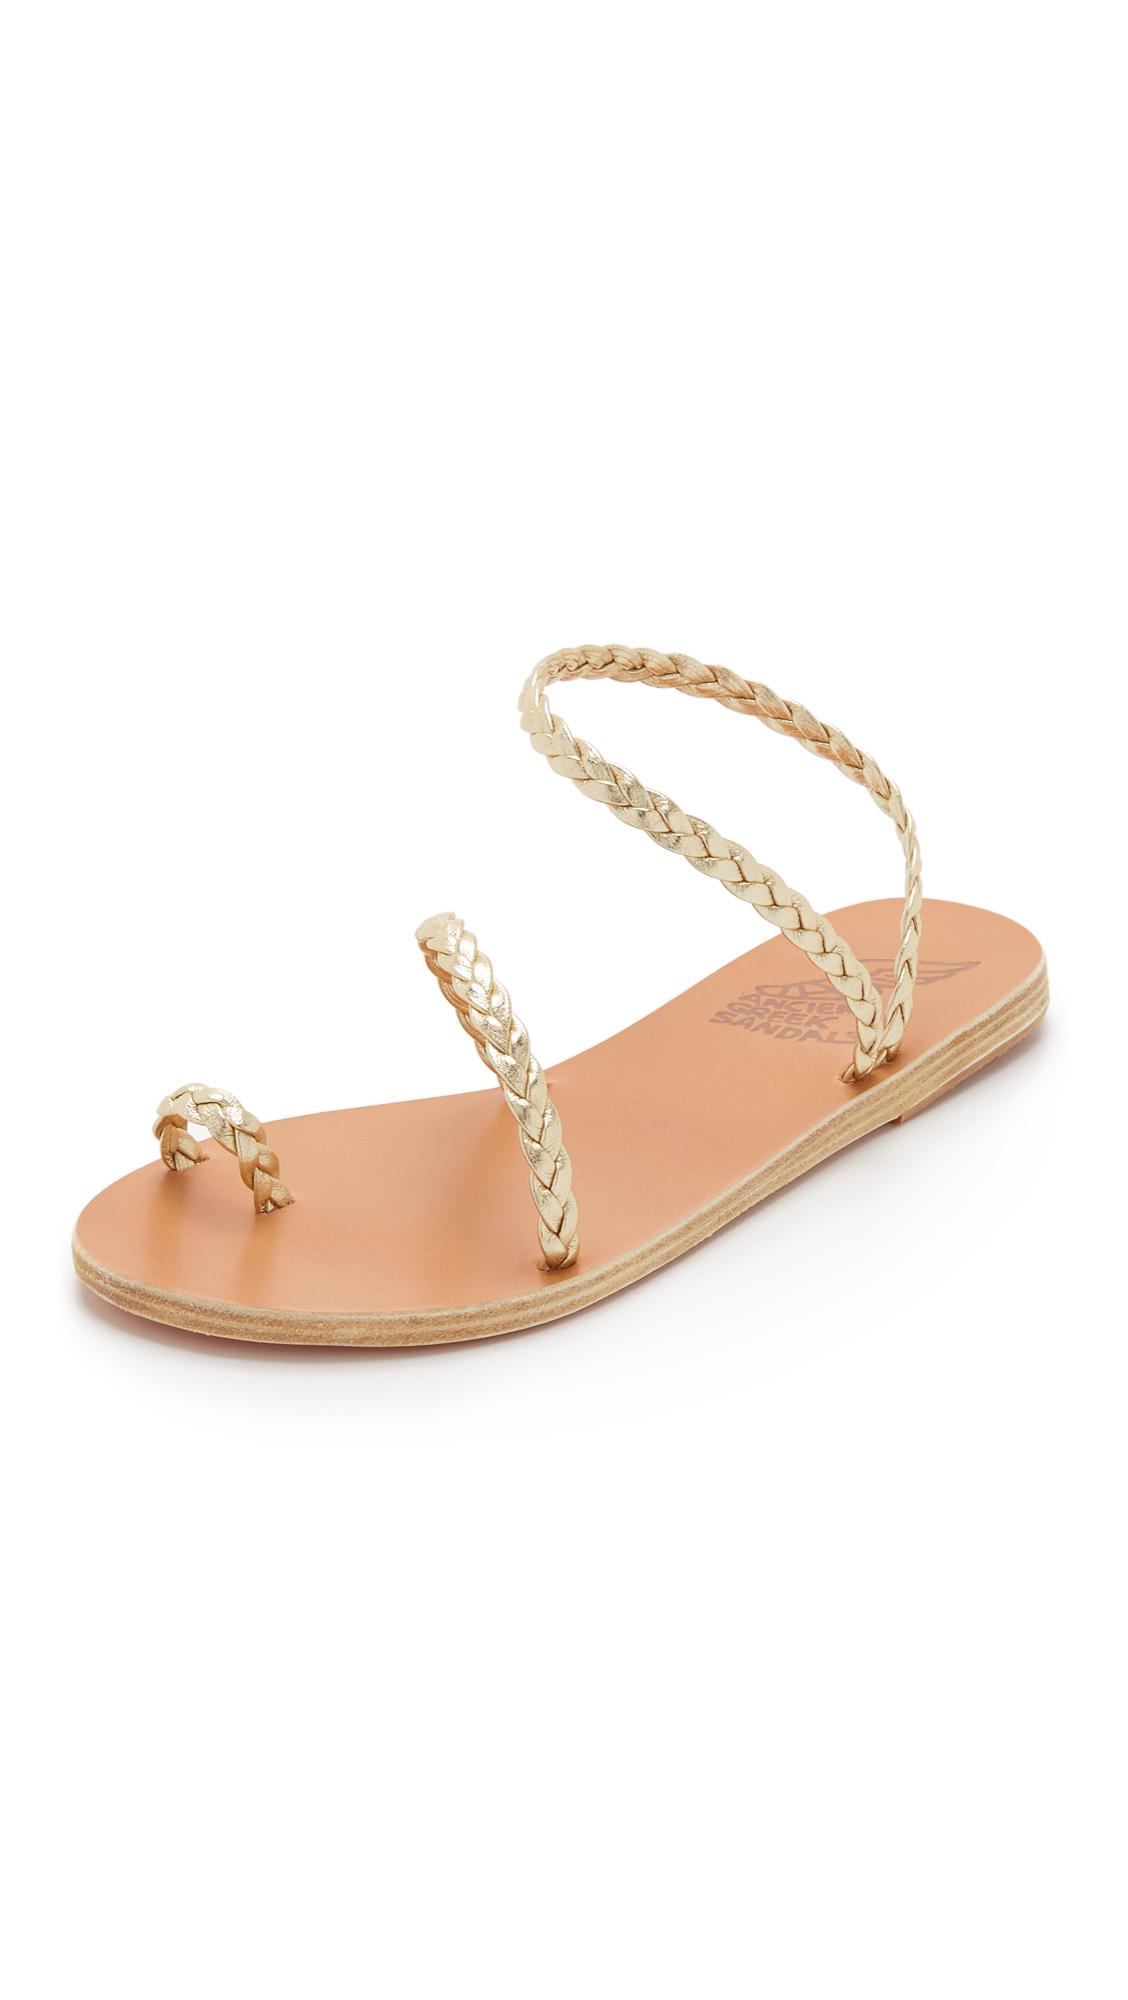 8e6640d25d7d54 Lyst - Ancient Greek Sandals Eleftheria Sandals